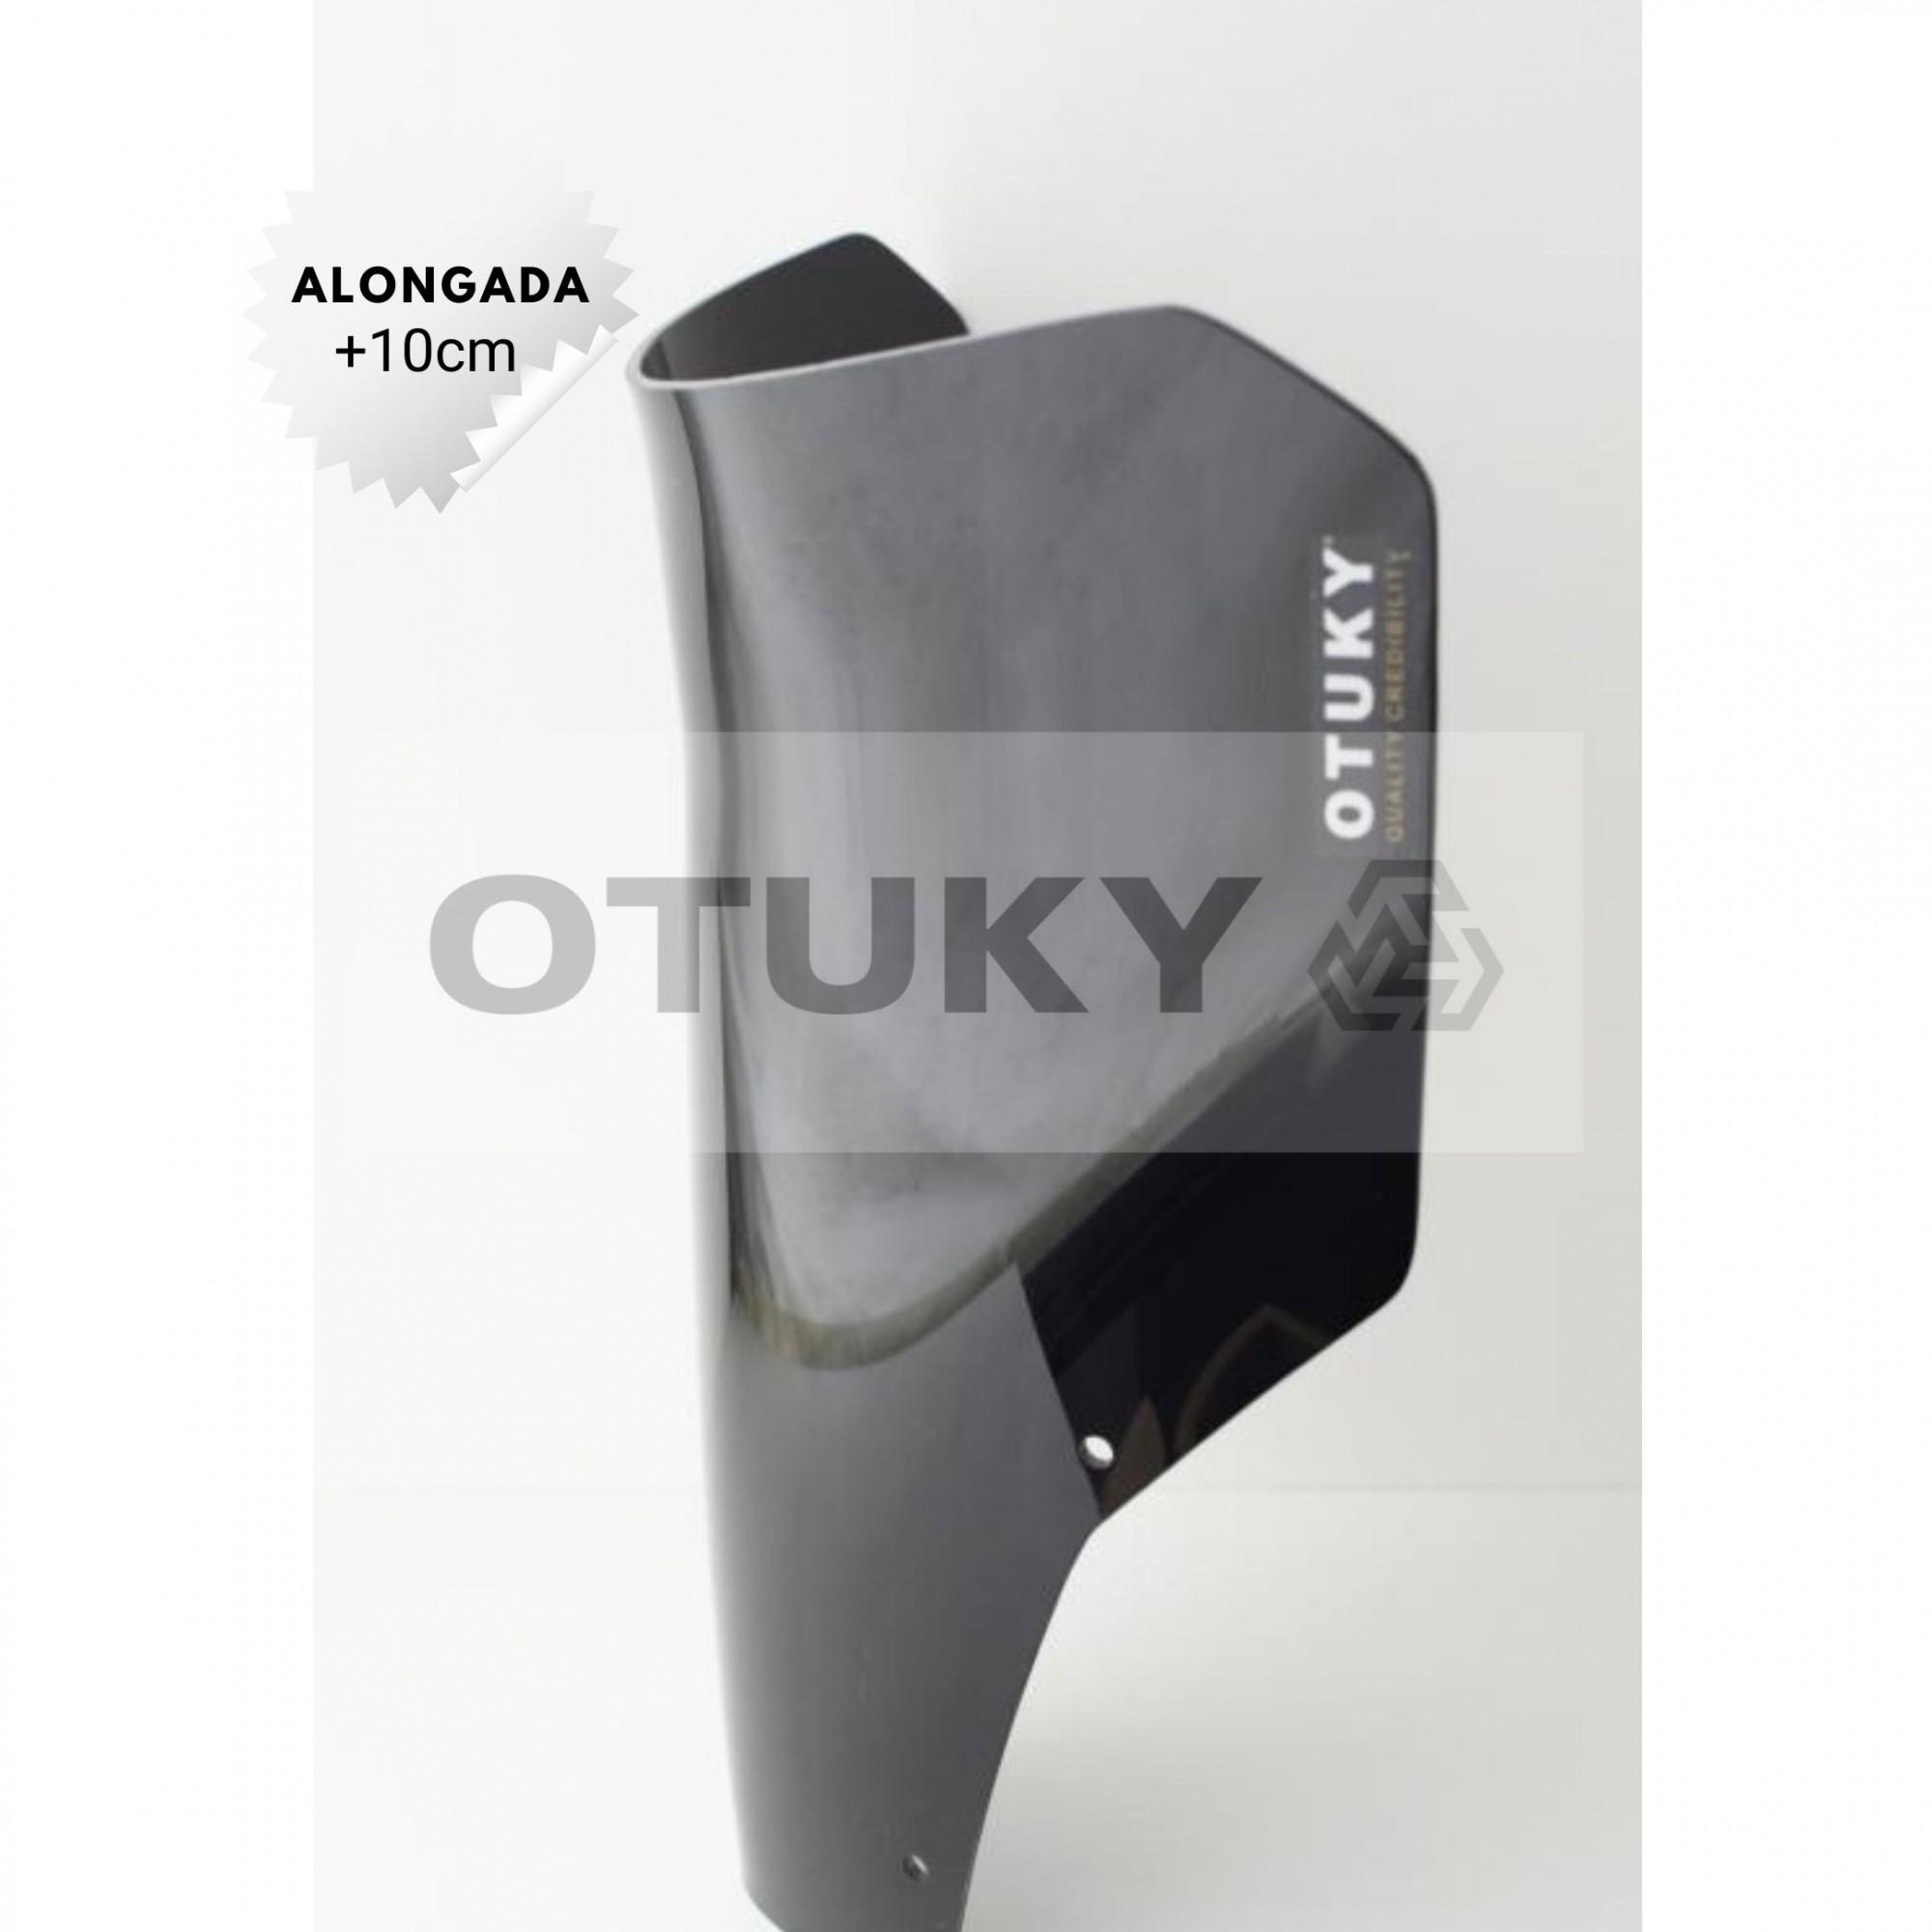 Bolha para Moto XT 660 R 2005 2006 2007 2008 2009 2010 2011 2012 2013 2014 2015 2016 2017 2018 Alongada +10cm